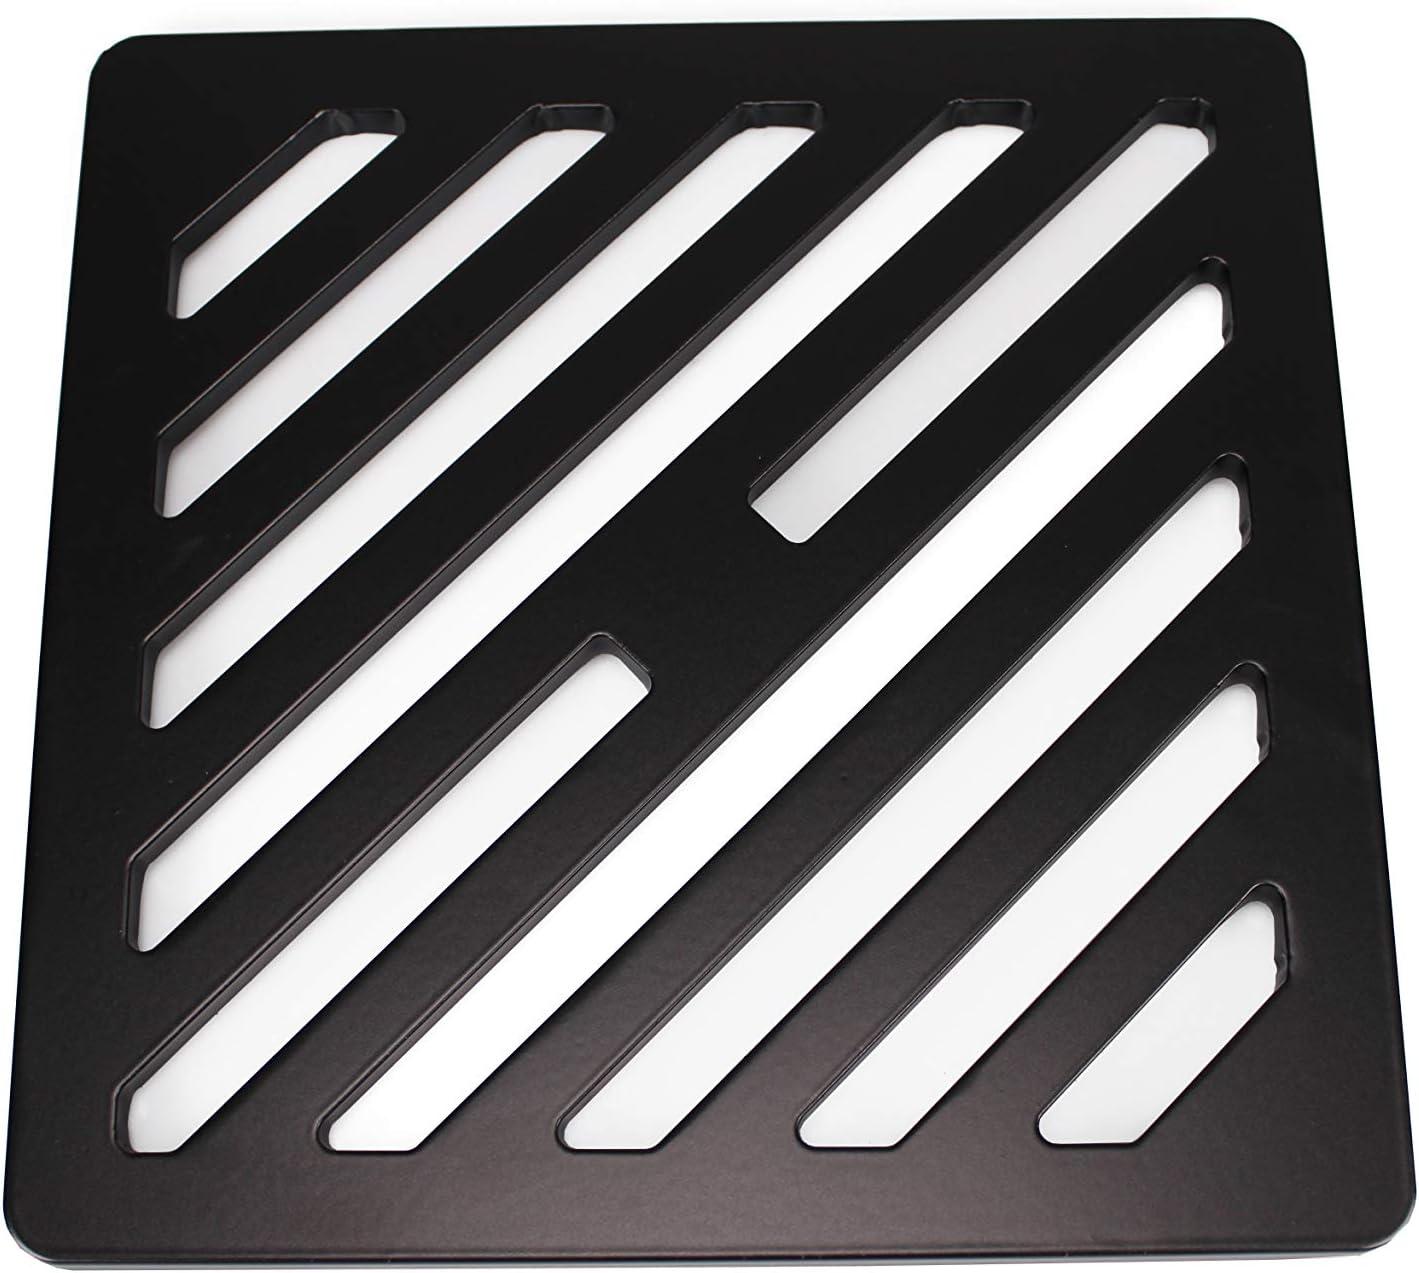 Rejilla de desagüe cuadrada de 150 mm, 15 cm, de metal sólido, con 10 corten de acero resistente como hierro fundido, más fuerte